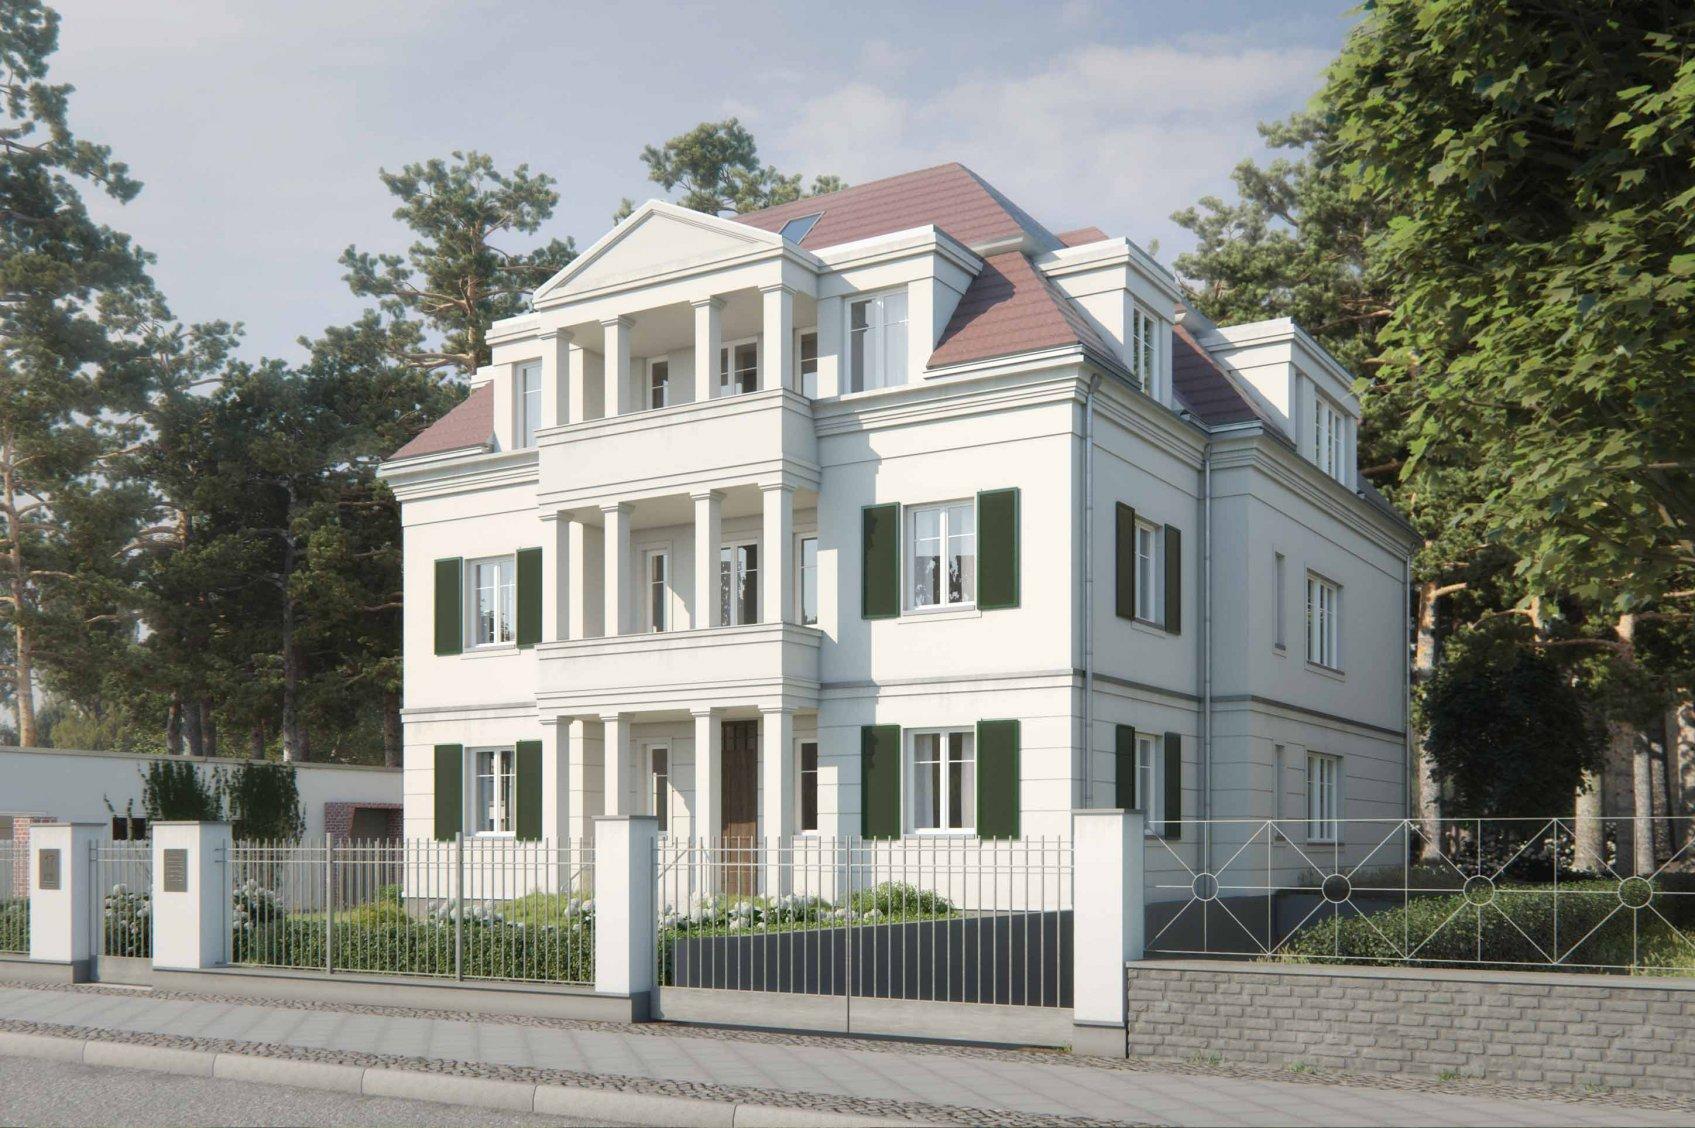 Eigentumswohnung Zehlendorf Villa Endestraße 17